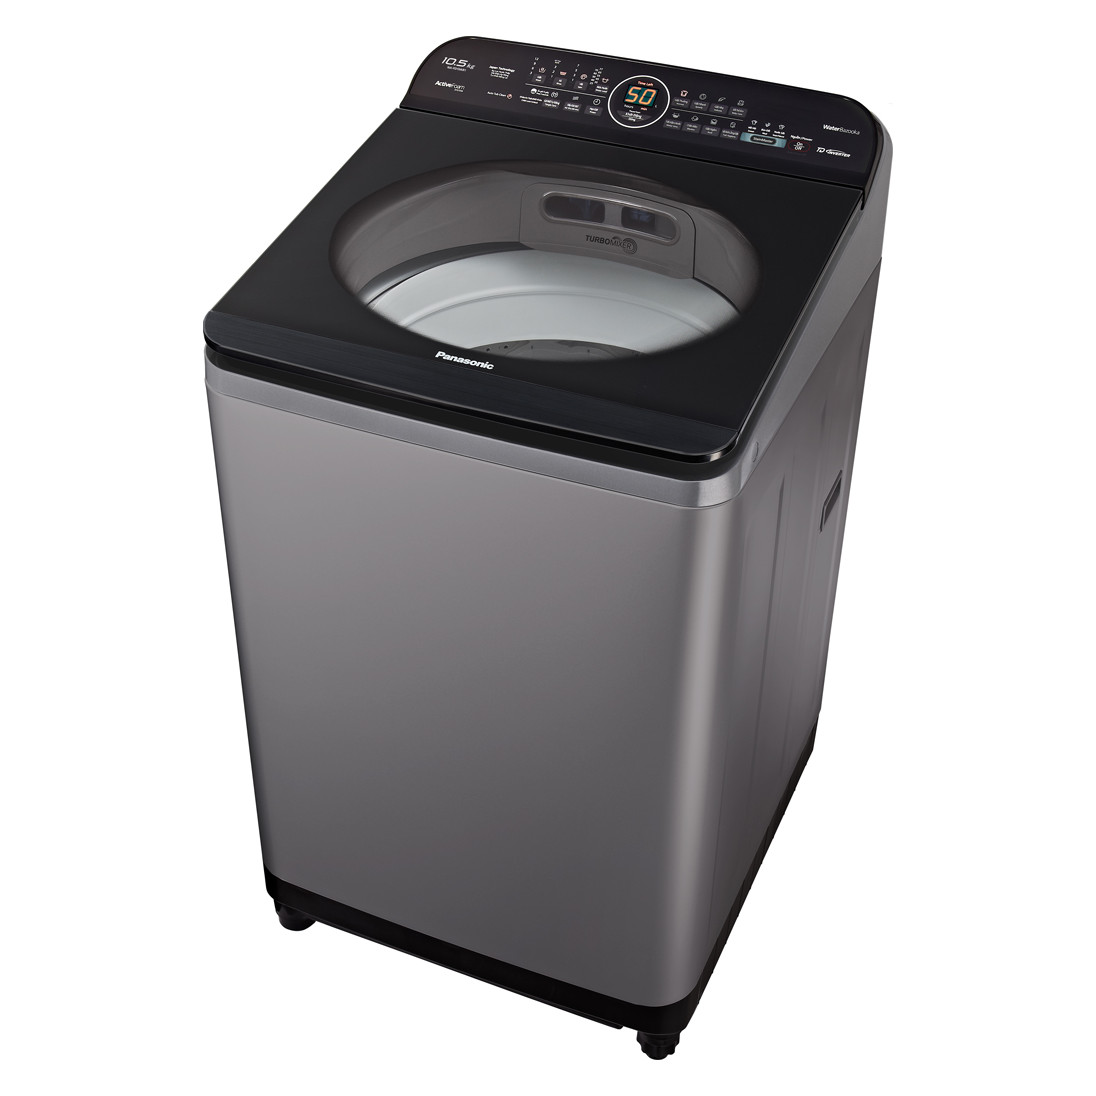 Máy giặt cửa trên PANASONIC inverter 11.5Kg NA-FD11AR1GV - HÀNG CHÍNH HÃNG (chỉ giao HCM)